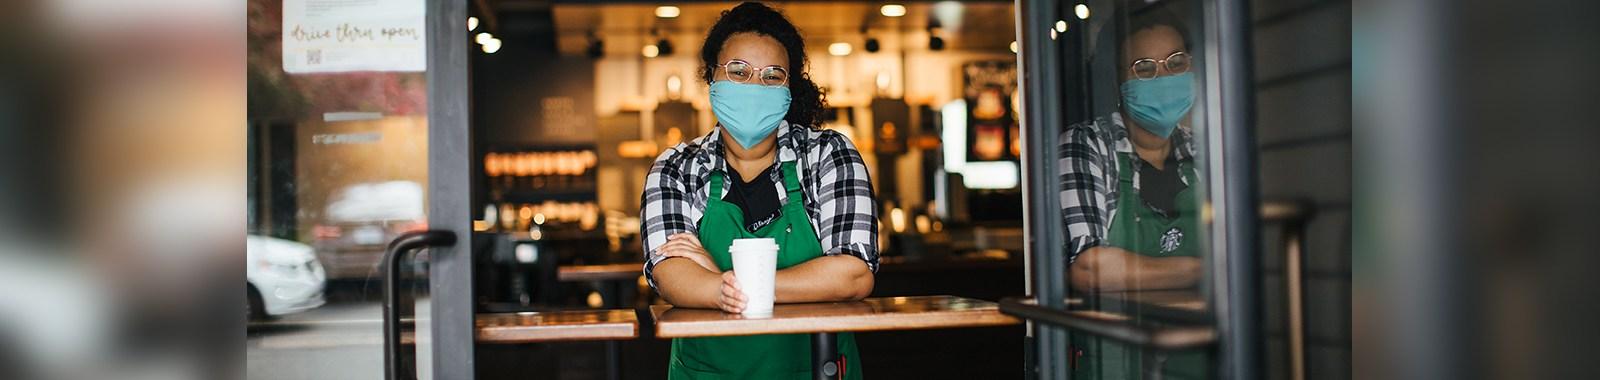 SBX2020429-Starbucks-Stores-Reopening-6-eye